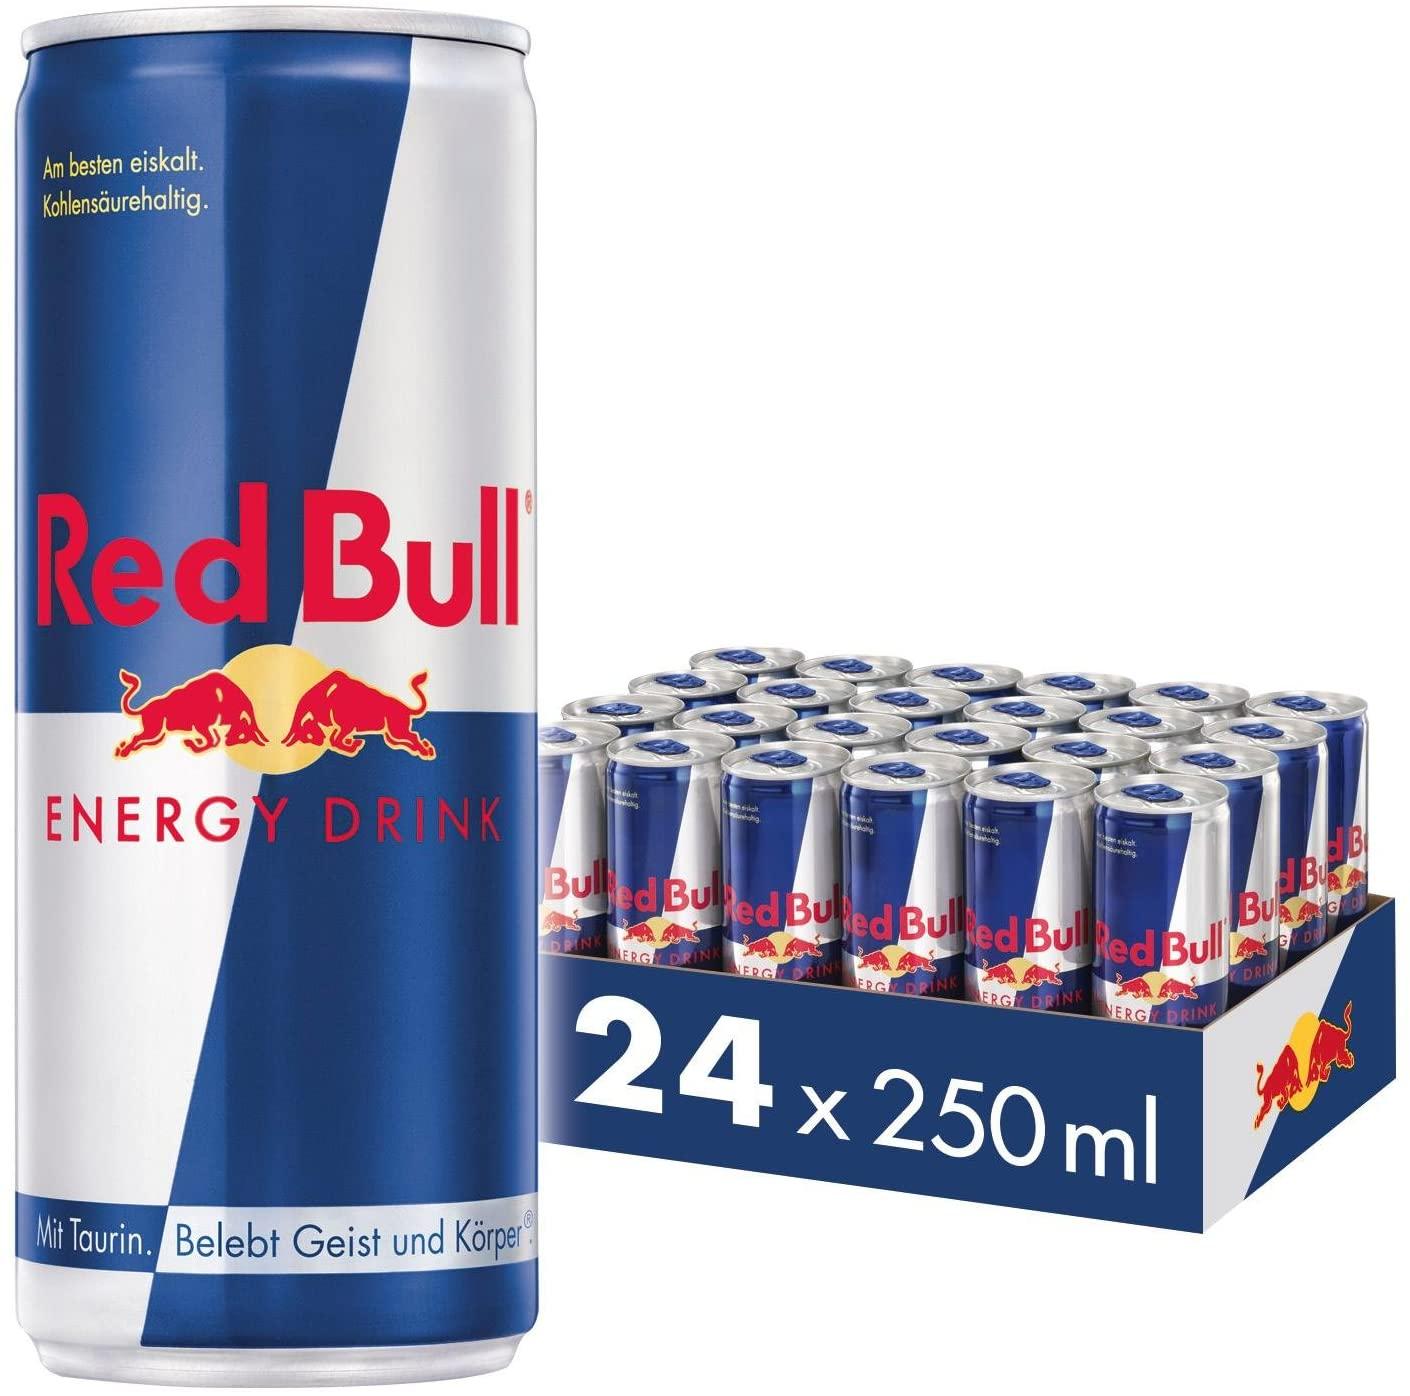 Red Bull Energy Drink Regular 250 ml (24-Pack)